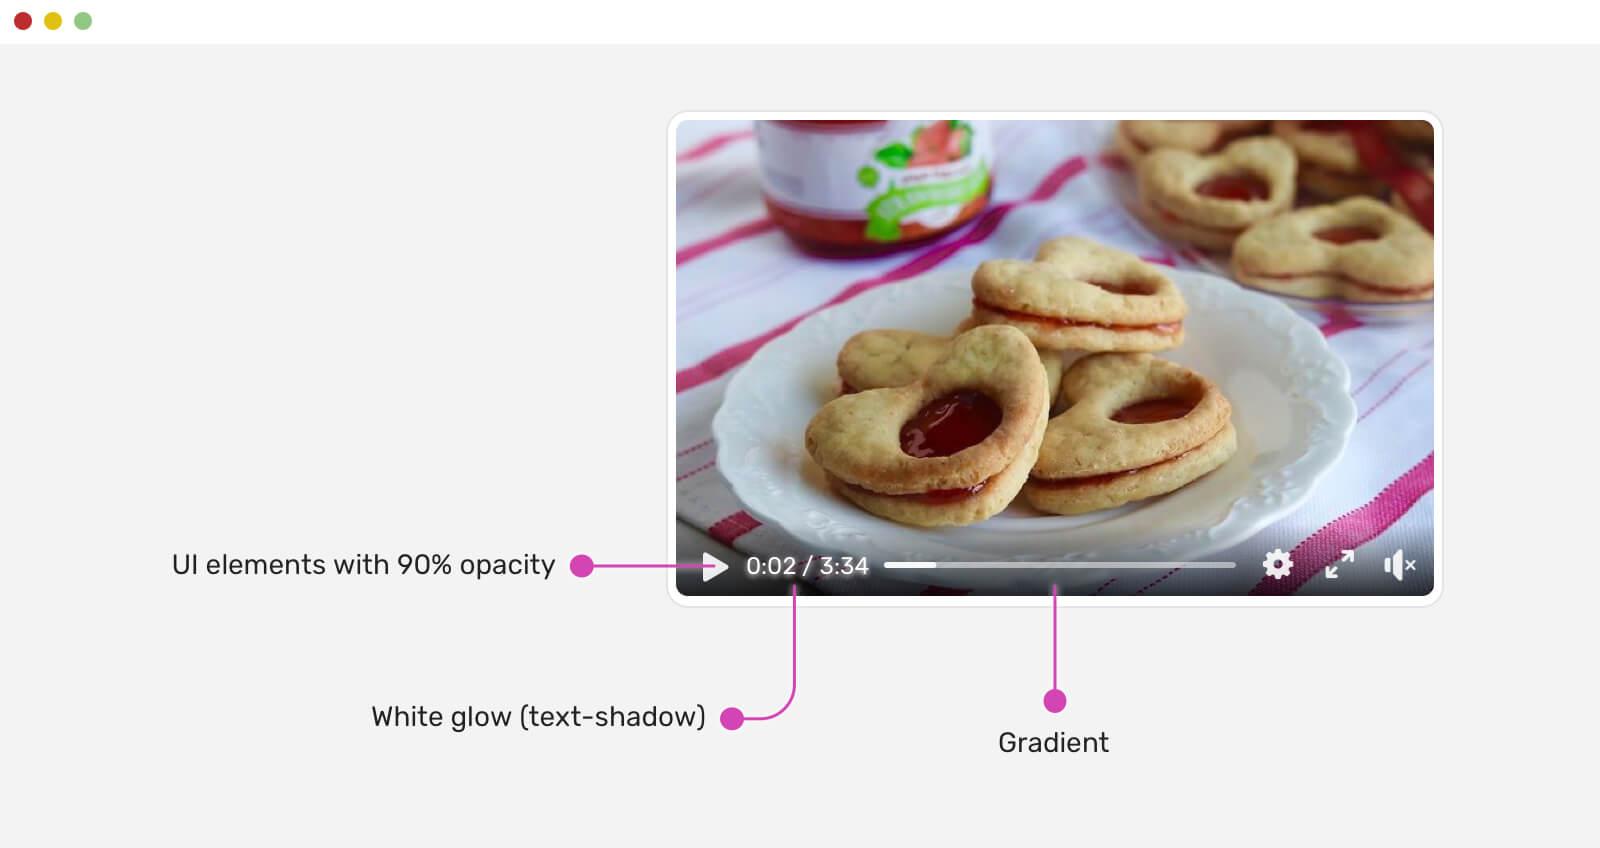 градиент между видео и панелью с элементами управления проигрывателем